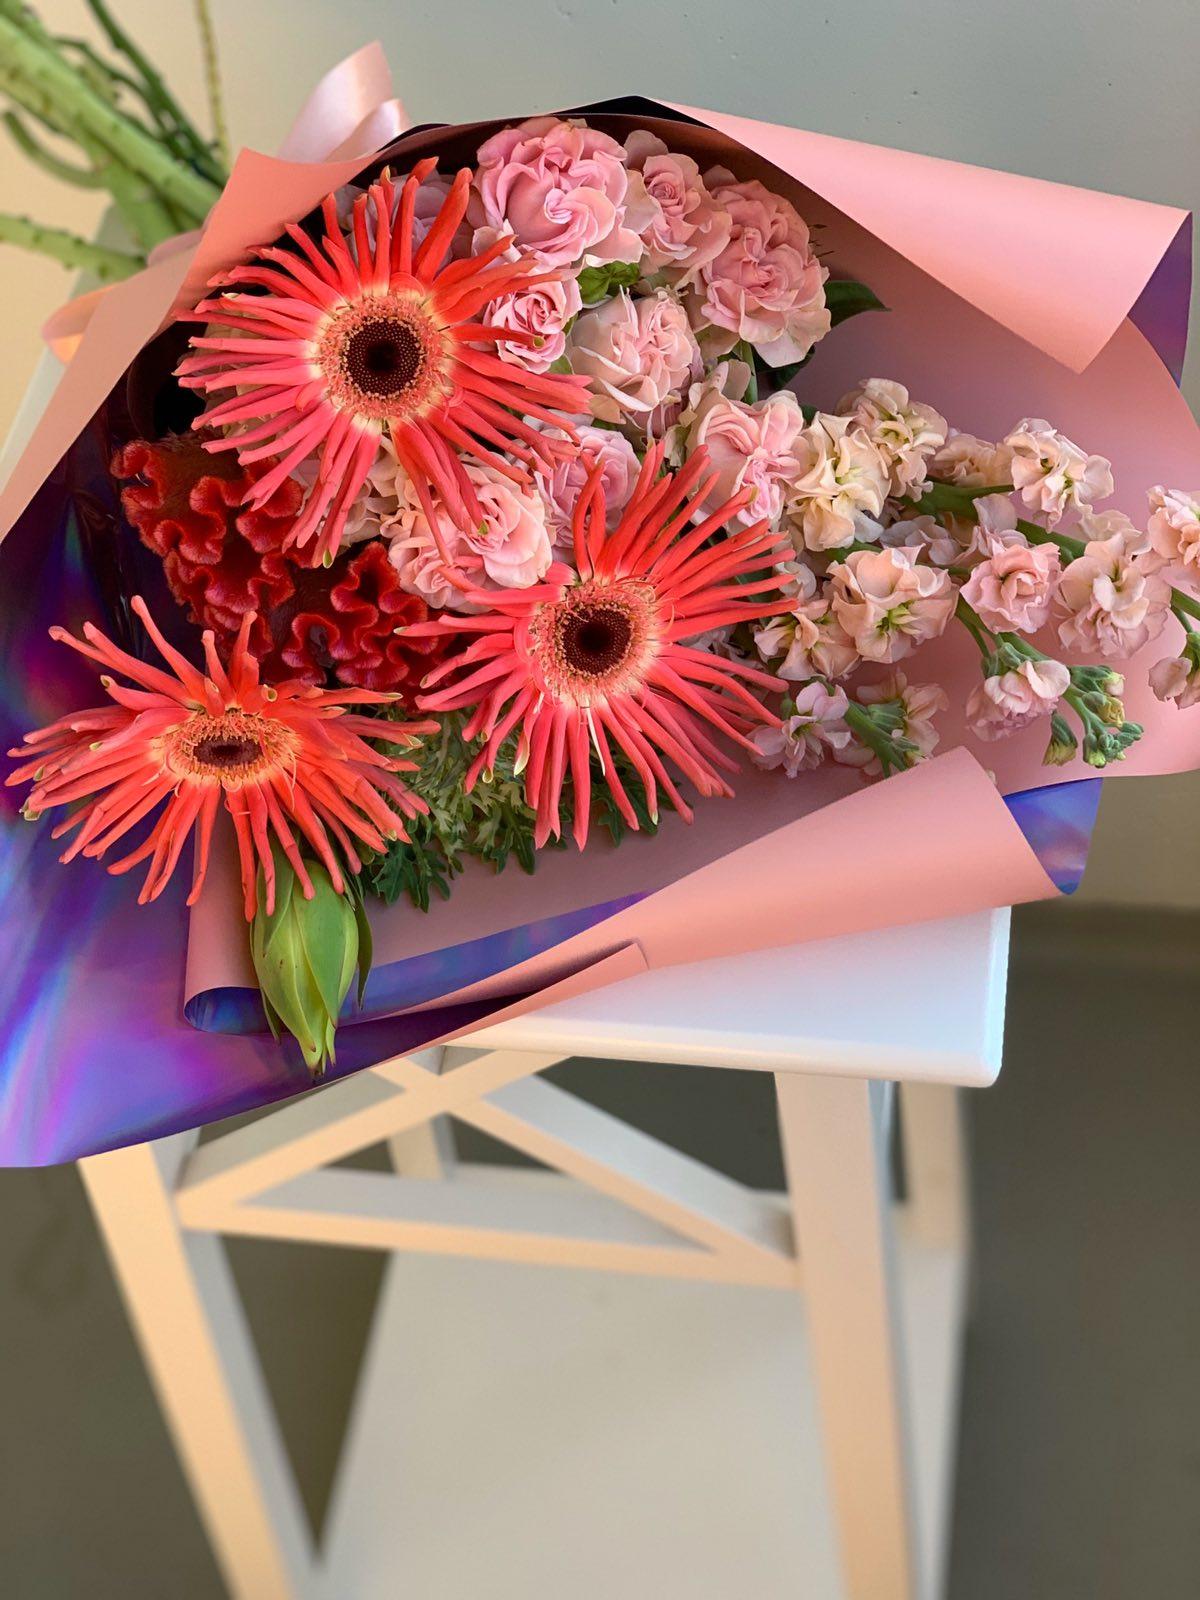 купить цветы в стокгольме